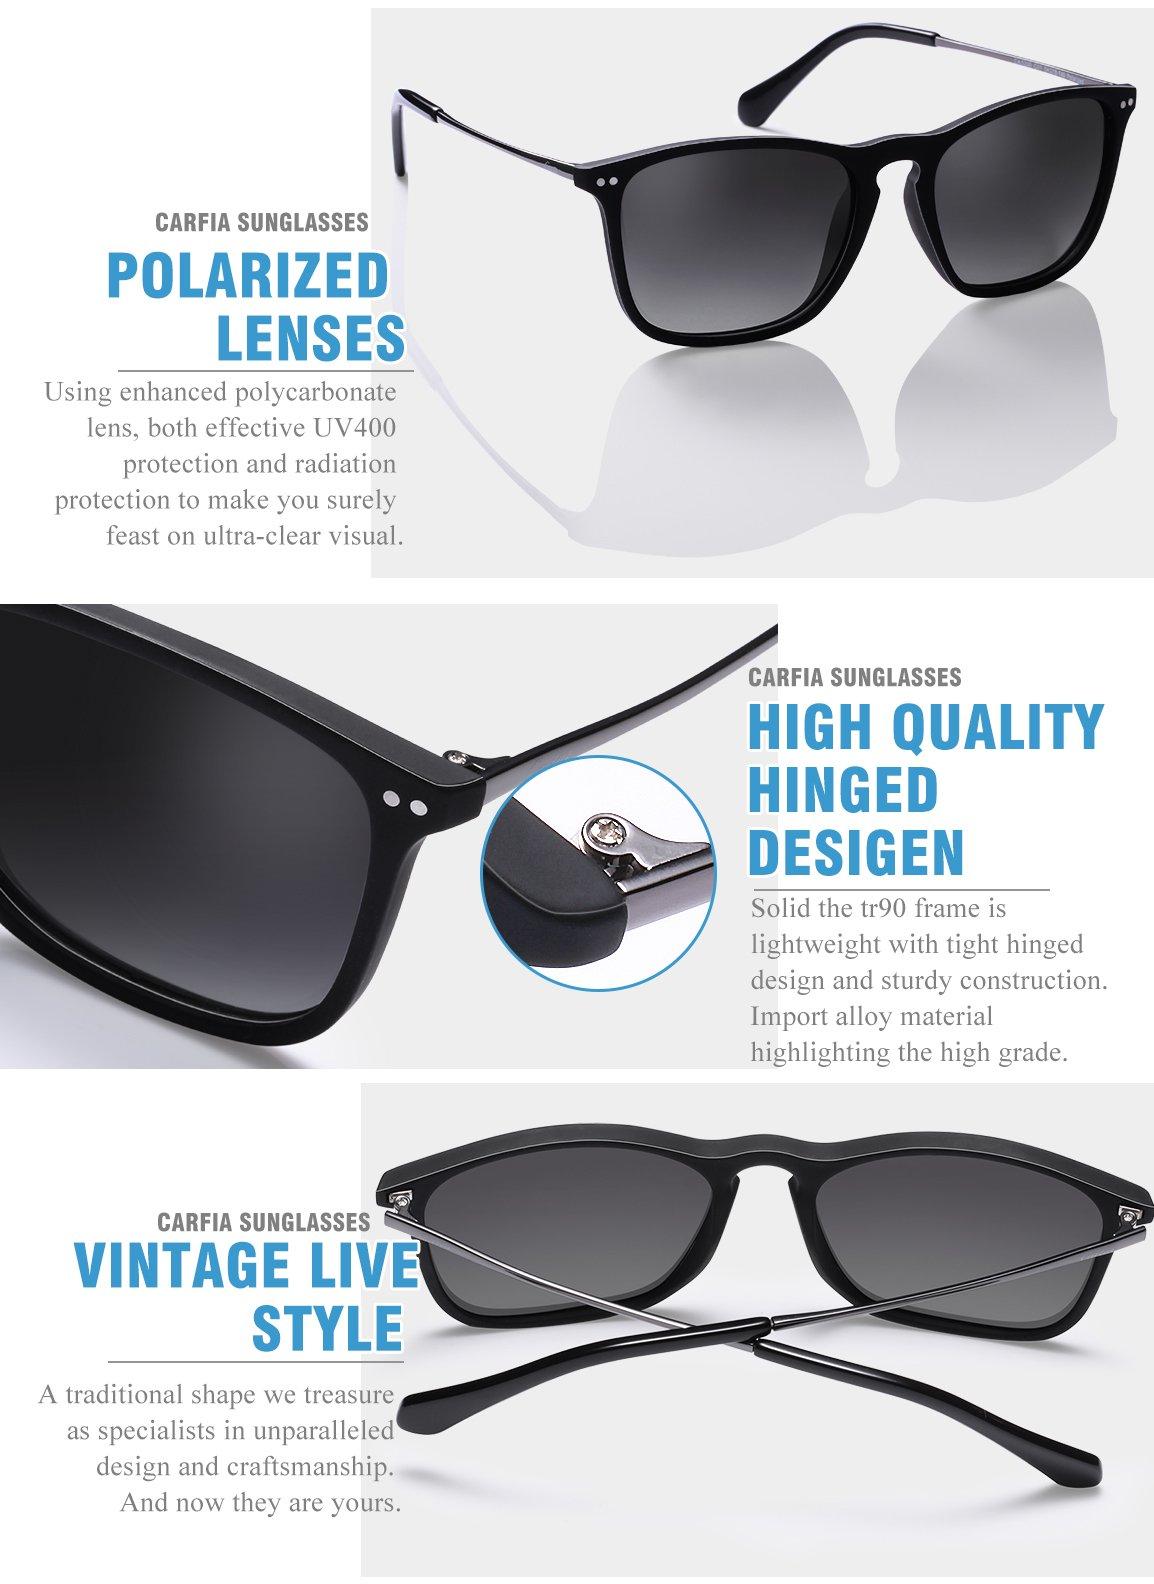 Carfia Gafas de Sol Hombre Mujer UV400 Protección Gafas de Sol ... df92c5fbcaf0